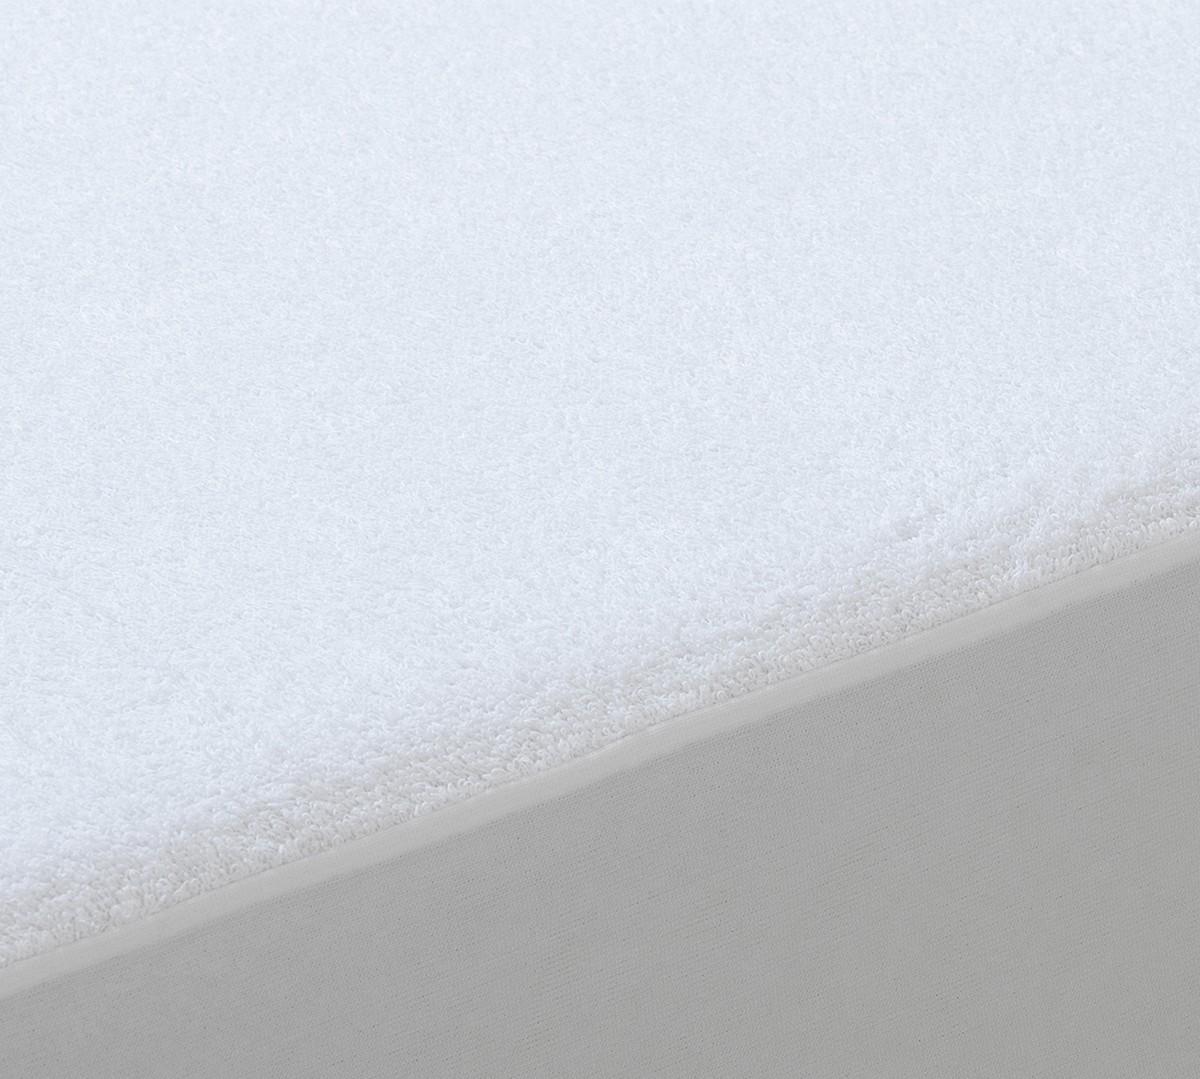 Protector de Colchón Rizo Aloe Vera Impermeable y Transpirable - Protectores de colchón